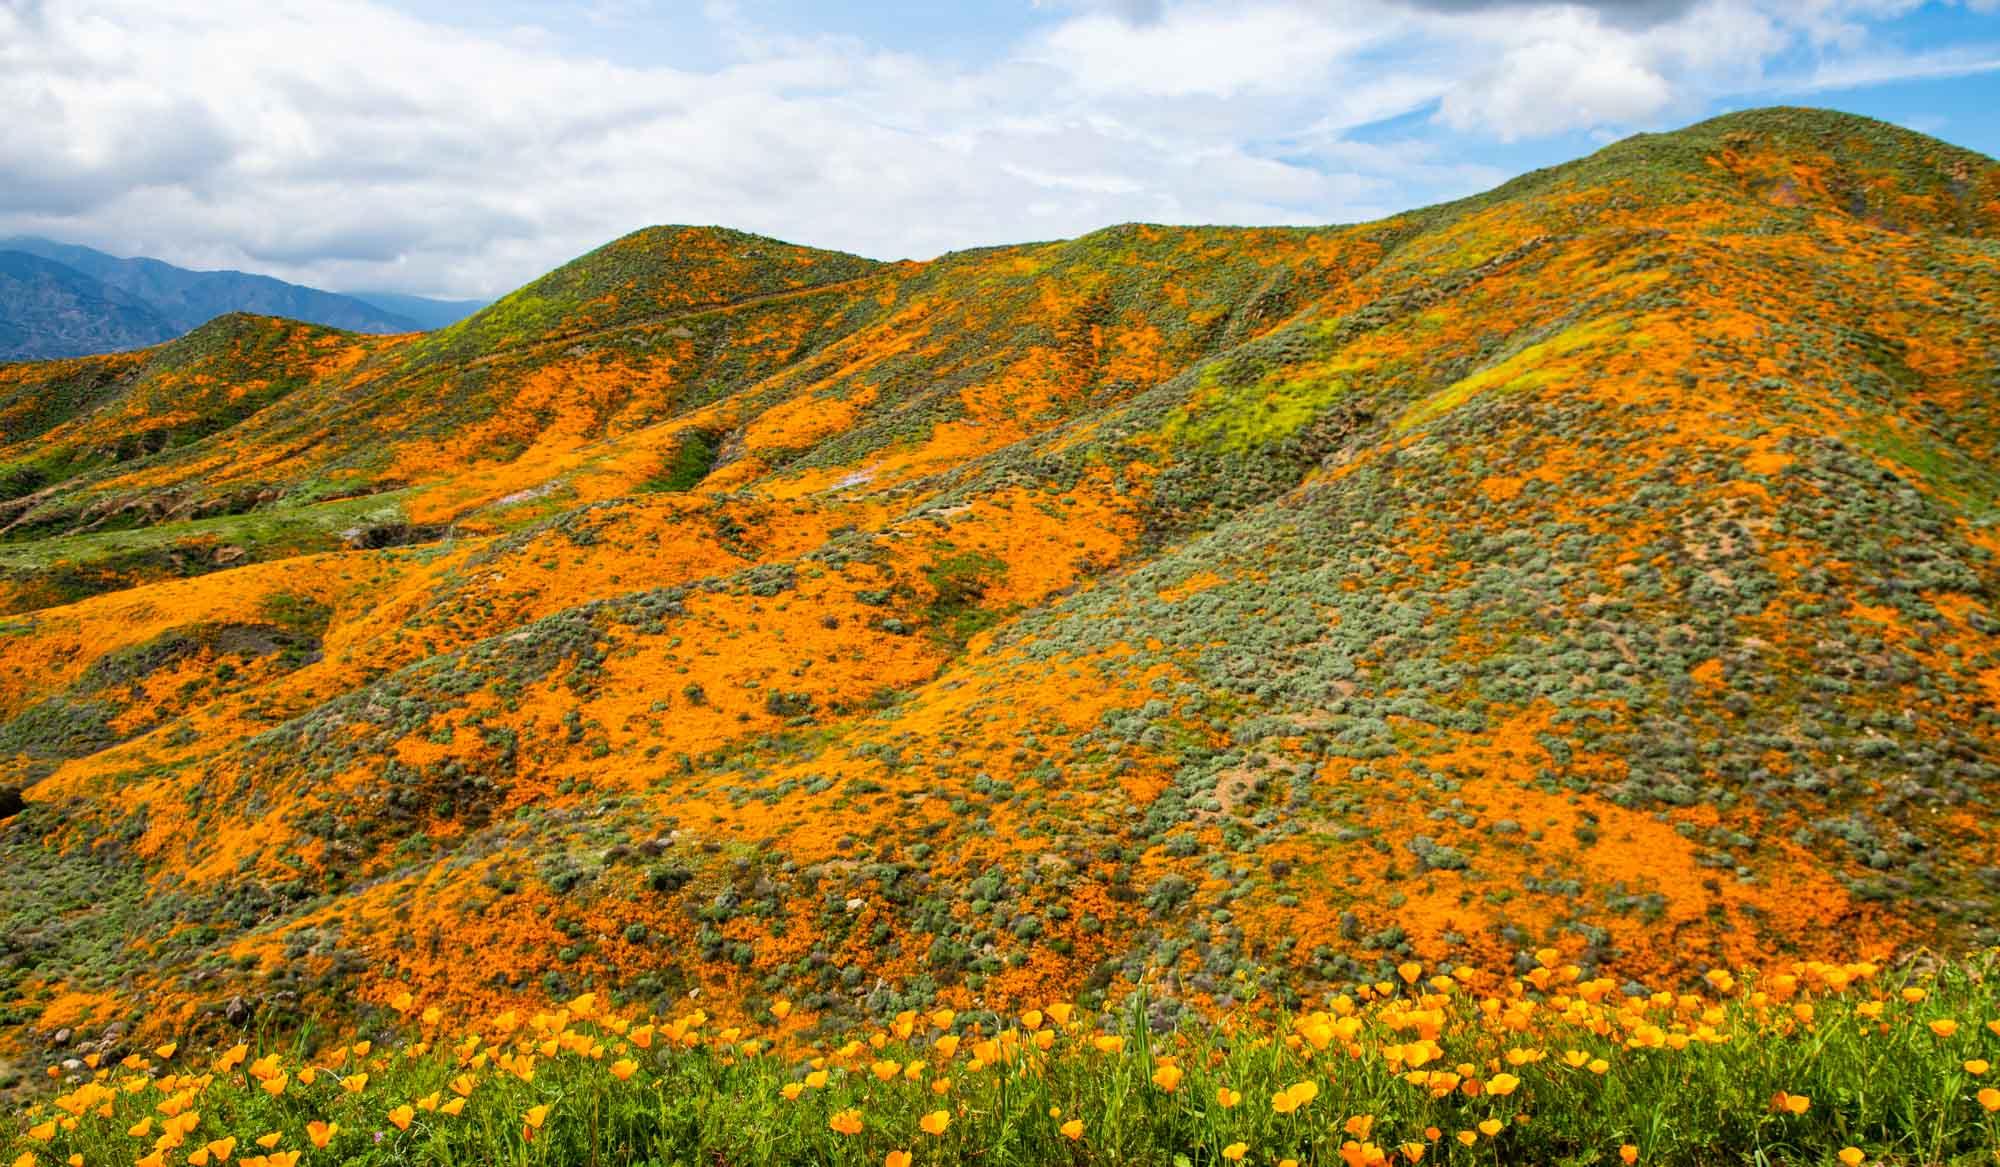 Poppy fields in Walker Canyon, California